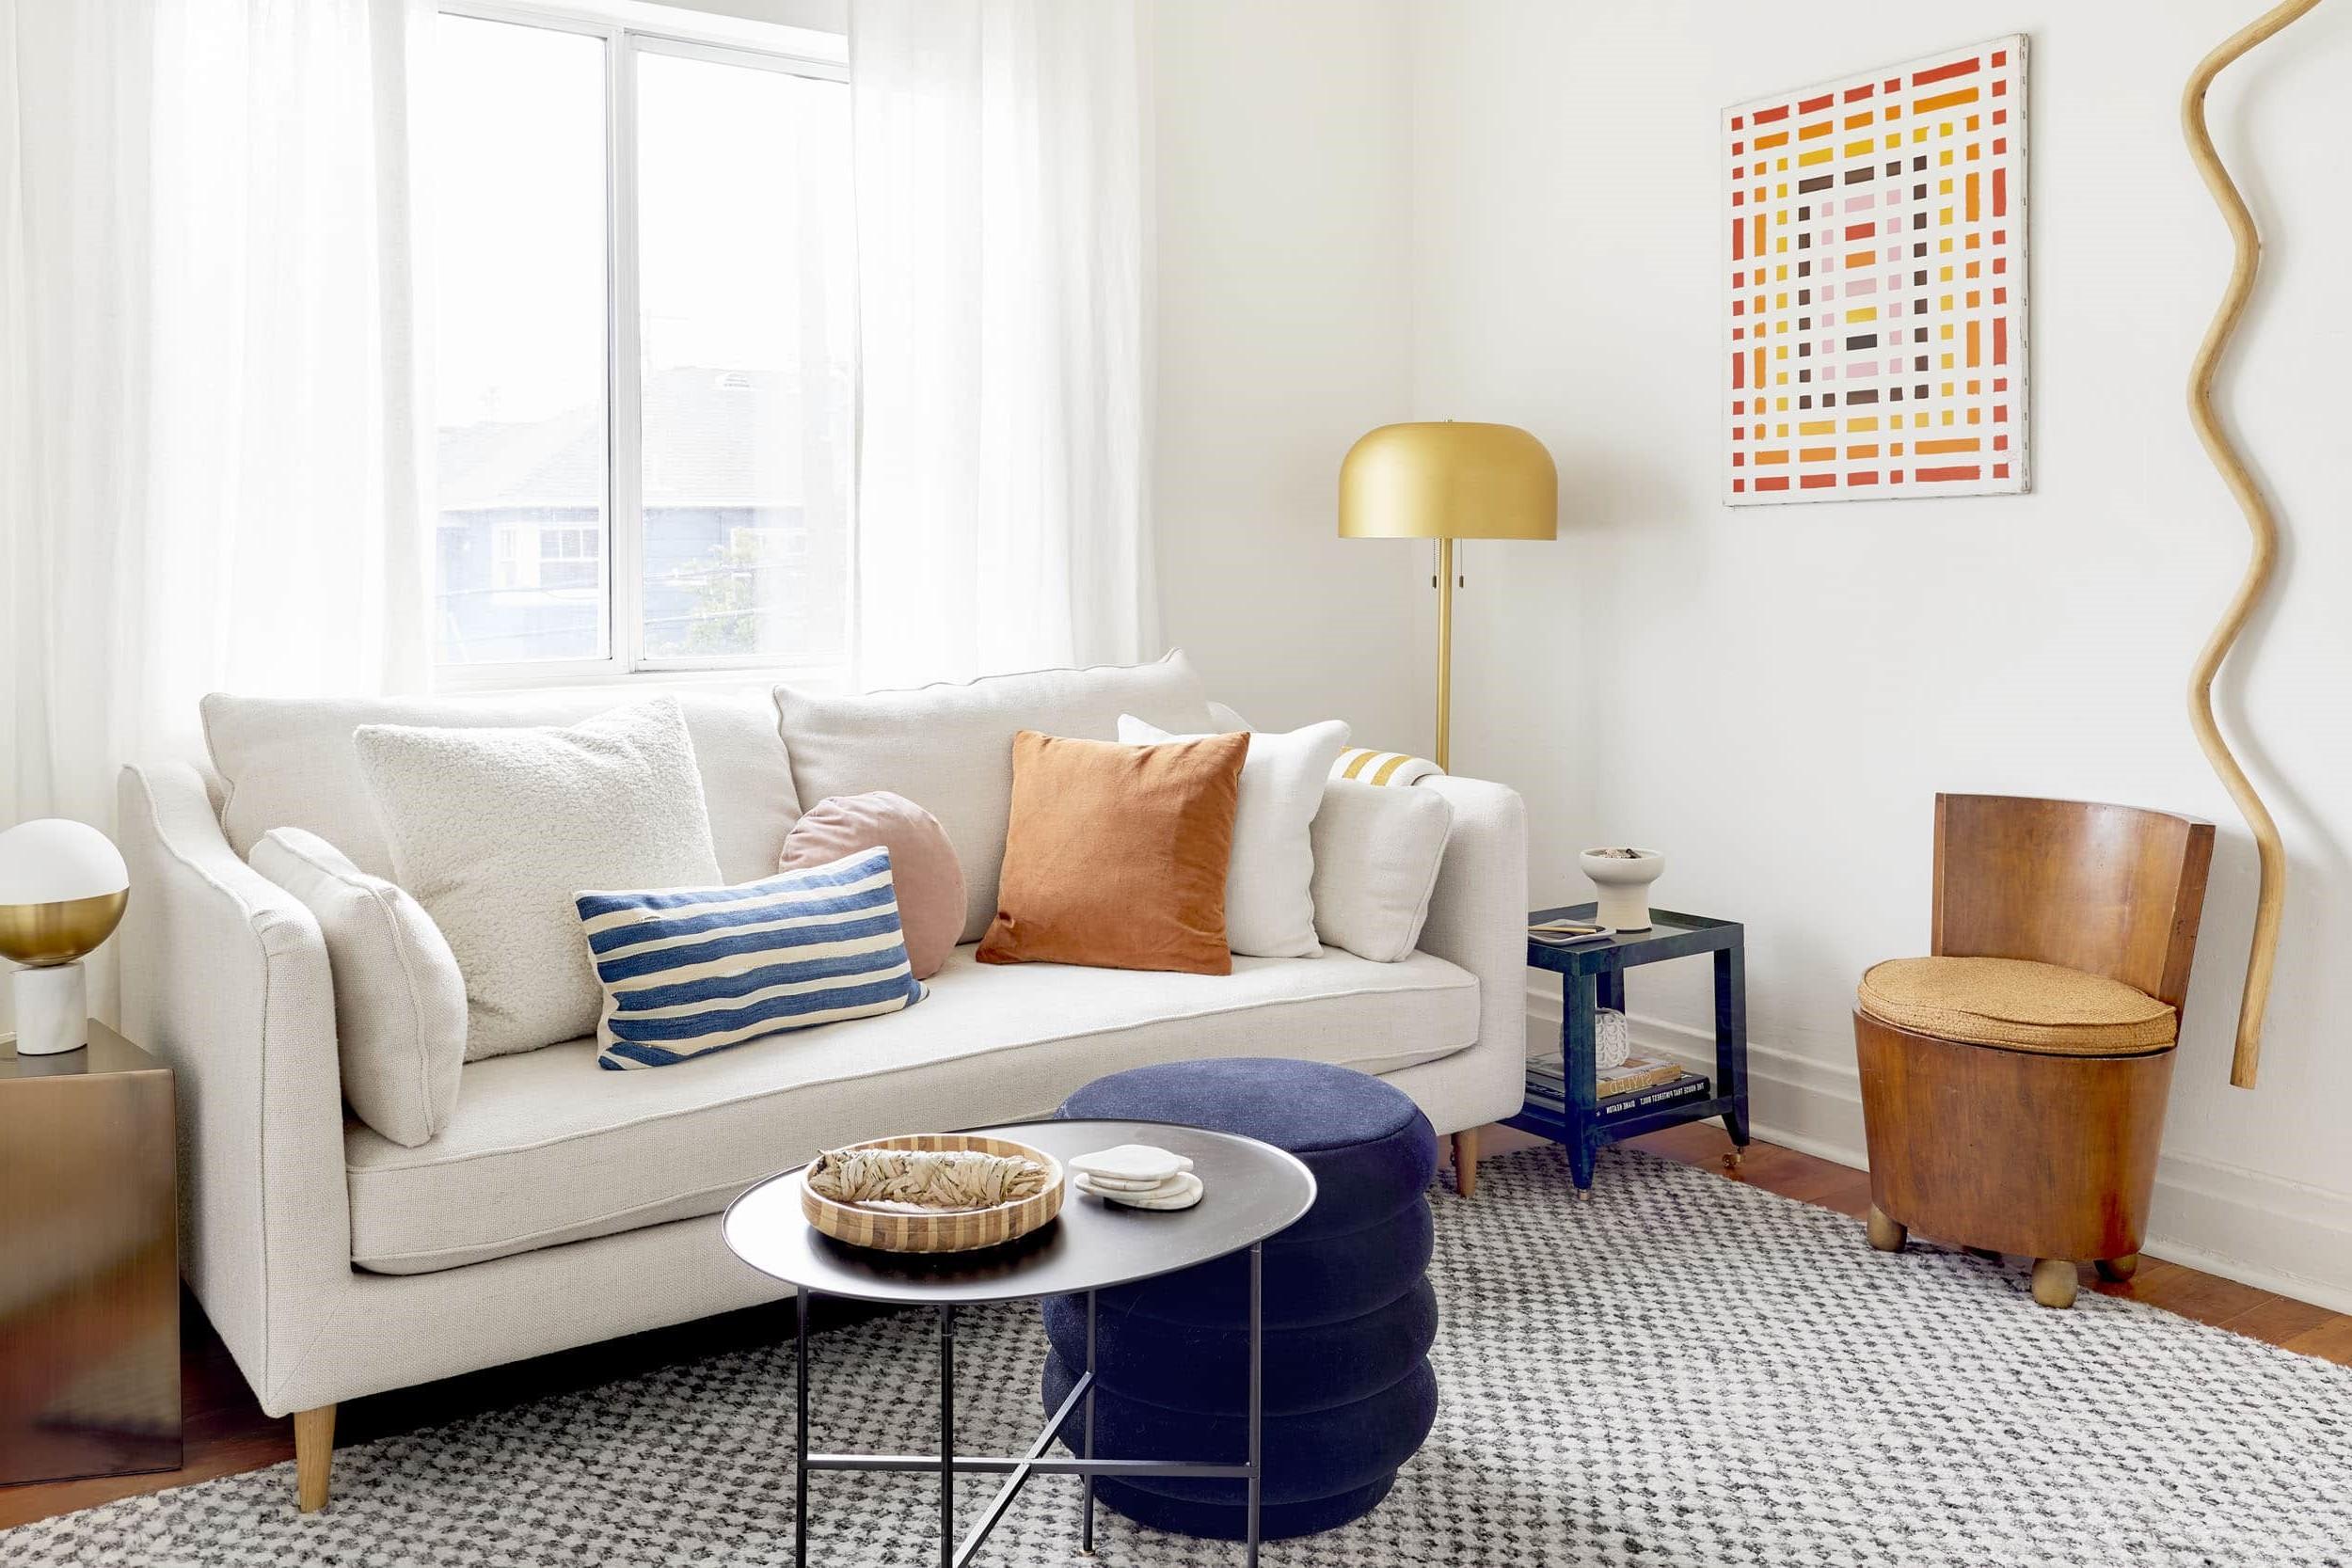 Déco de salon: le bois recyclé peut être utilisé pour les chaises, les tables et les sols.